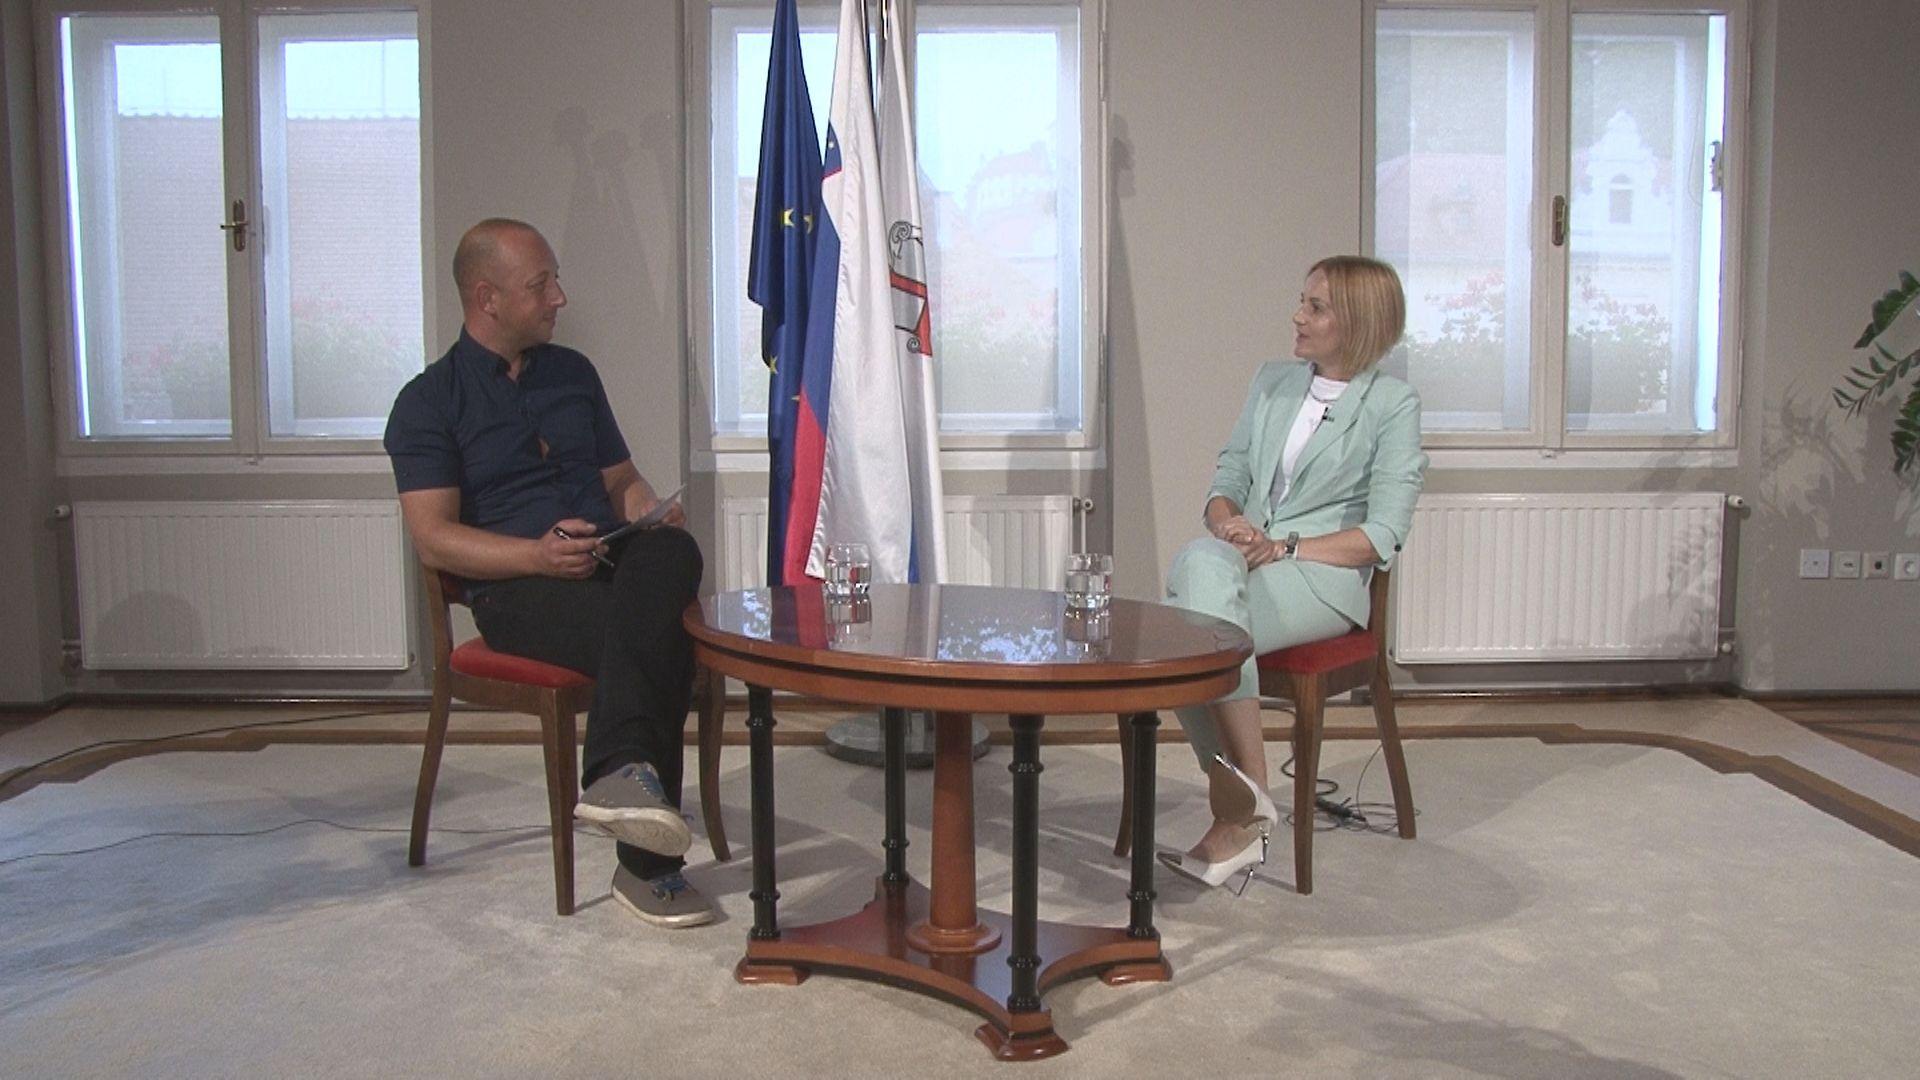 Pogovor z županjo MO Ptuj Nuško Gajšek ob občinskem prazniku